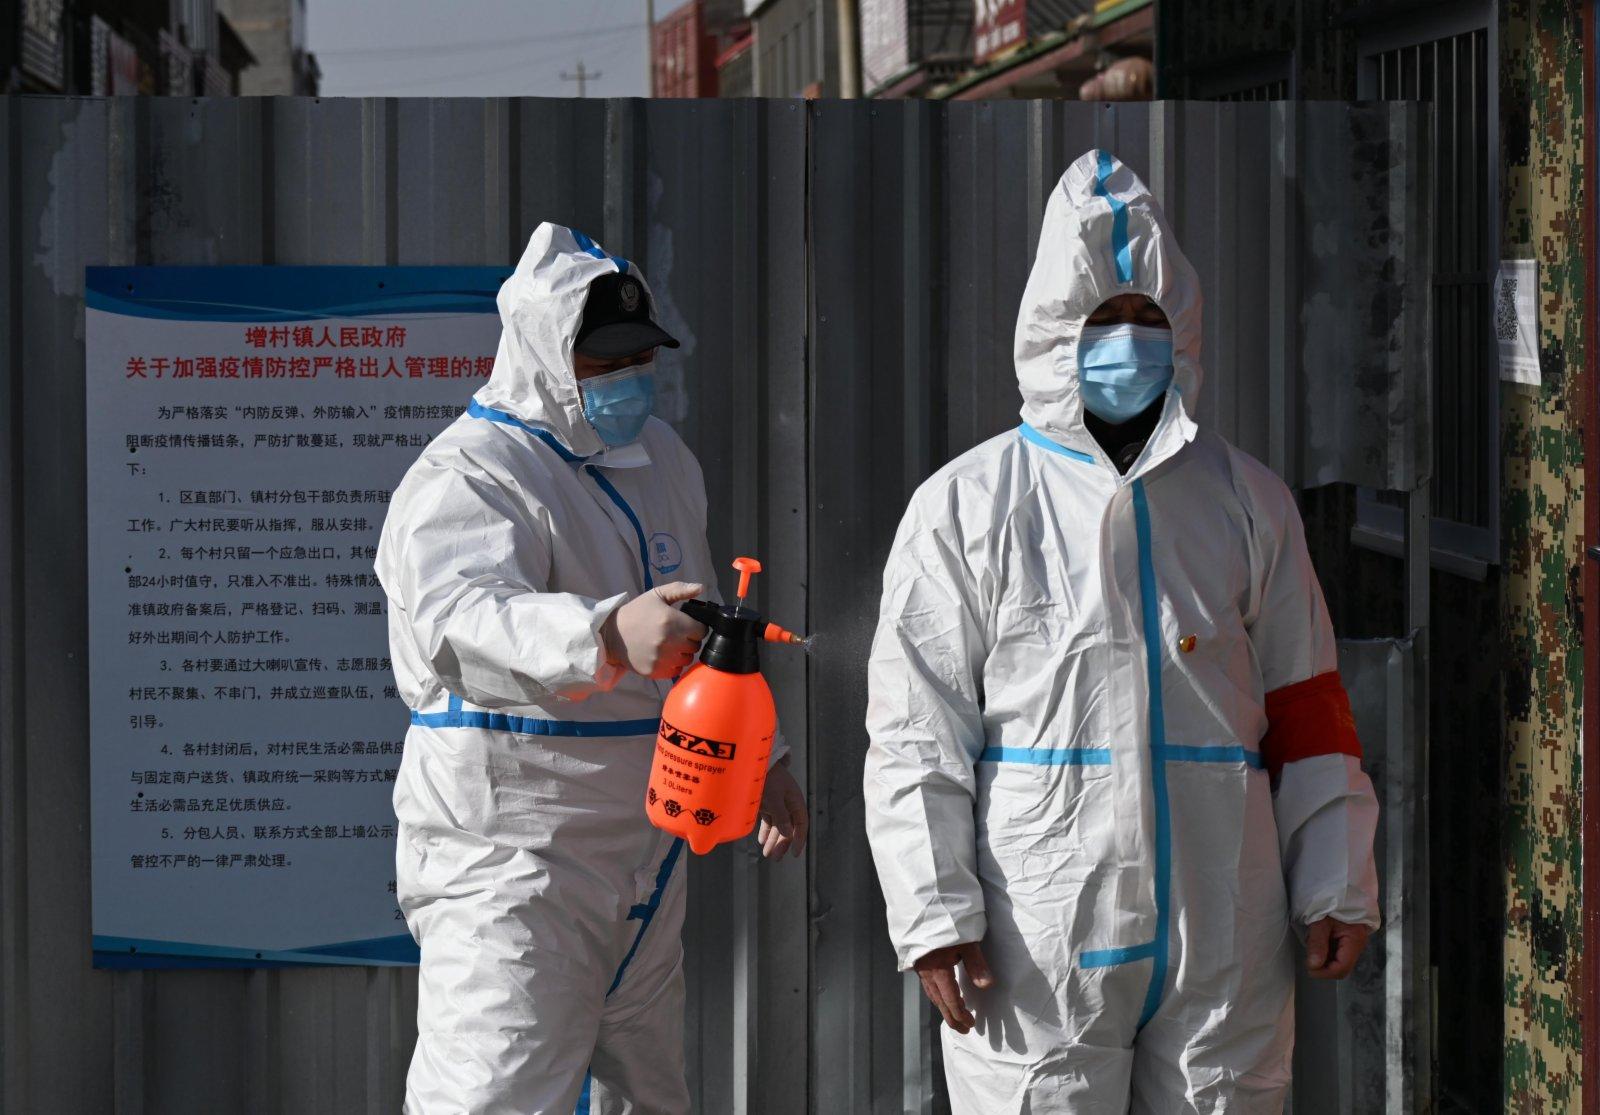 警員為從小果莊村出來的防疫工作人員消毒。中新社